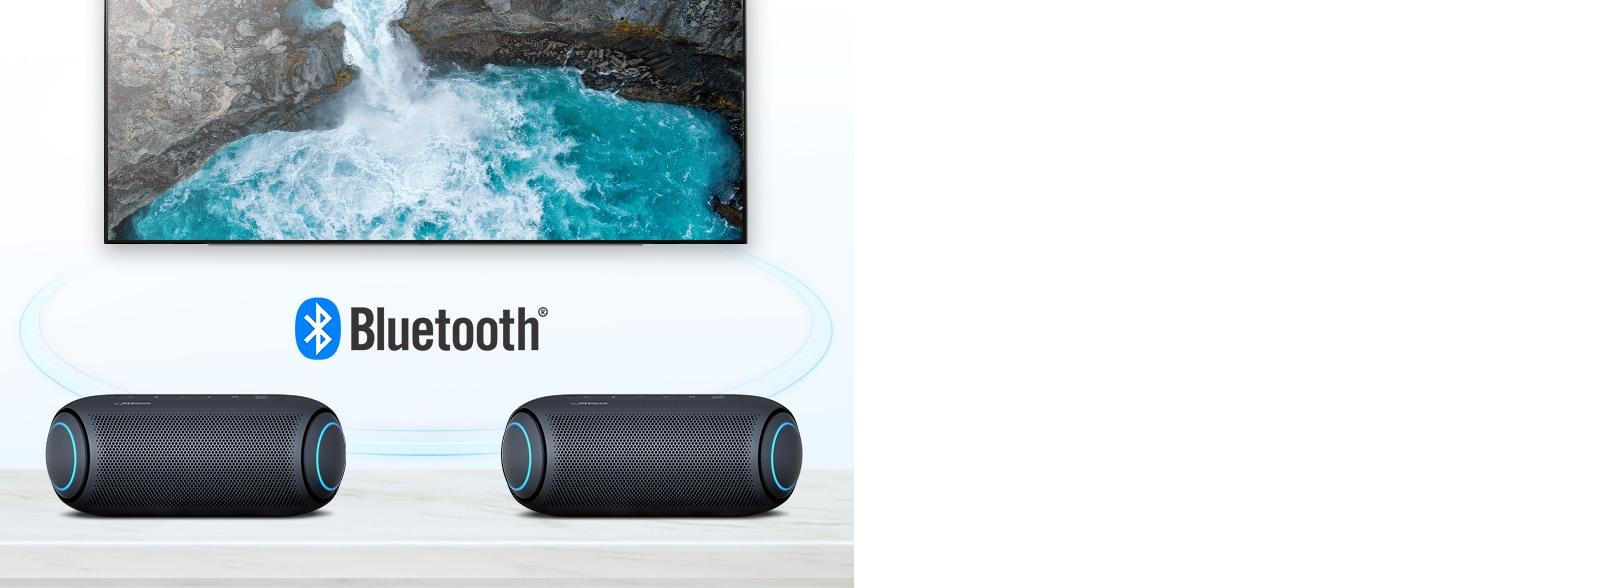 Na mizi sta dva modro zvočnika LG XBOOM Go, ki se nahajata pred televizorjem, ki prikazuje slap.